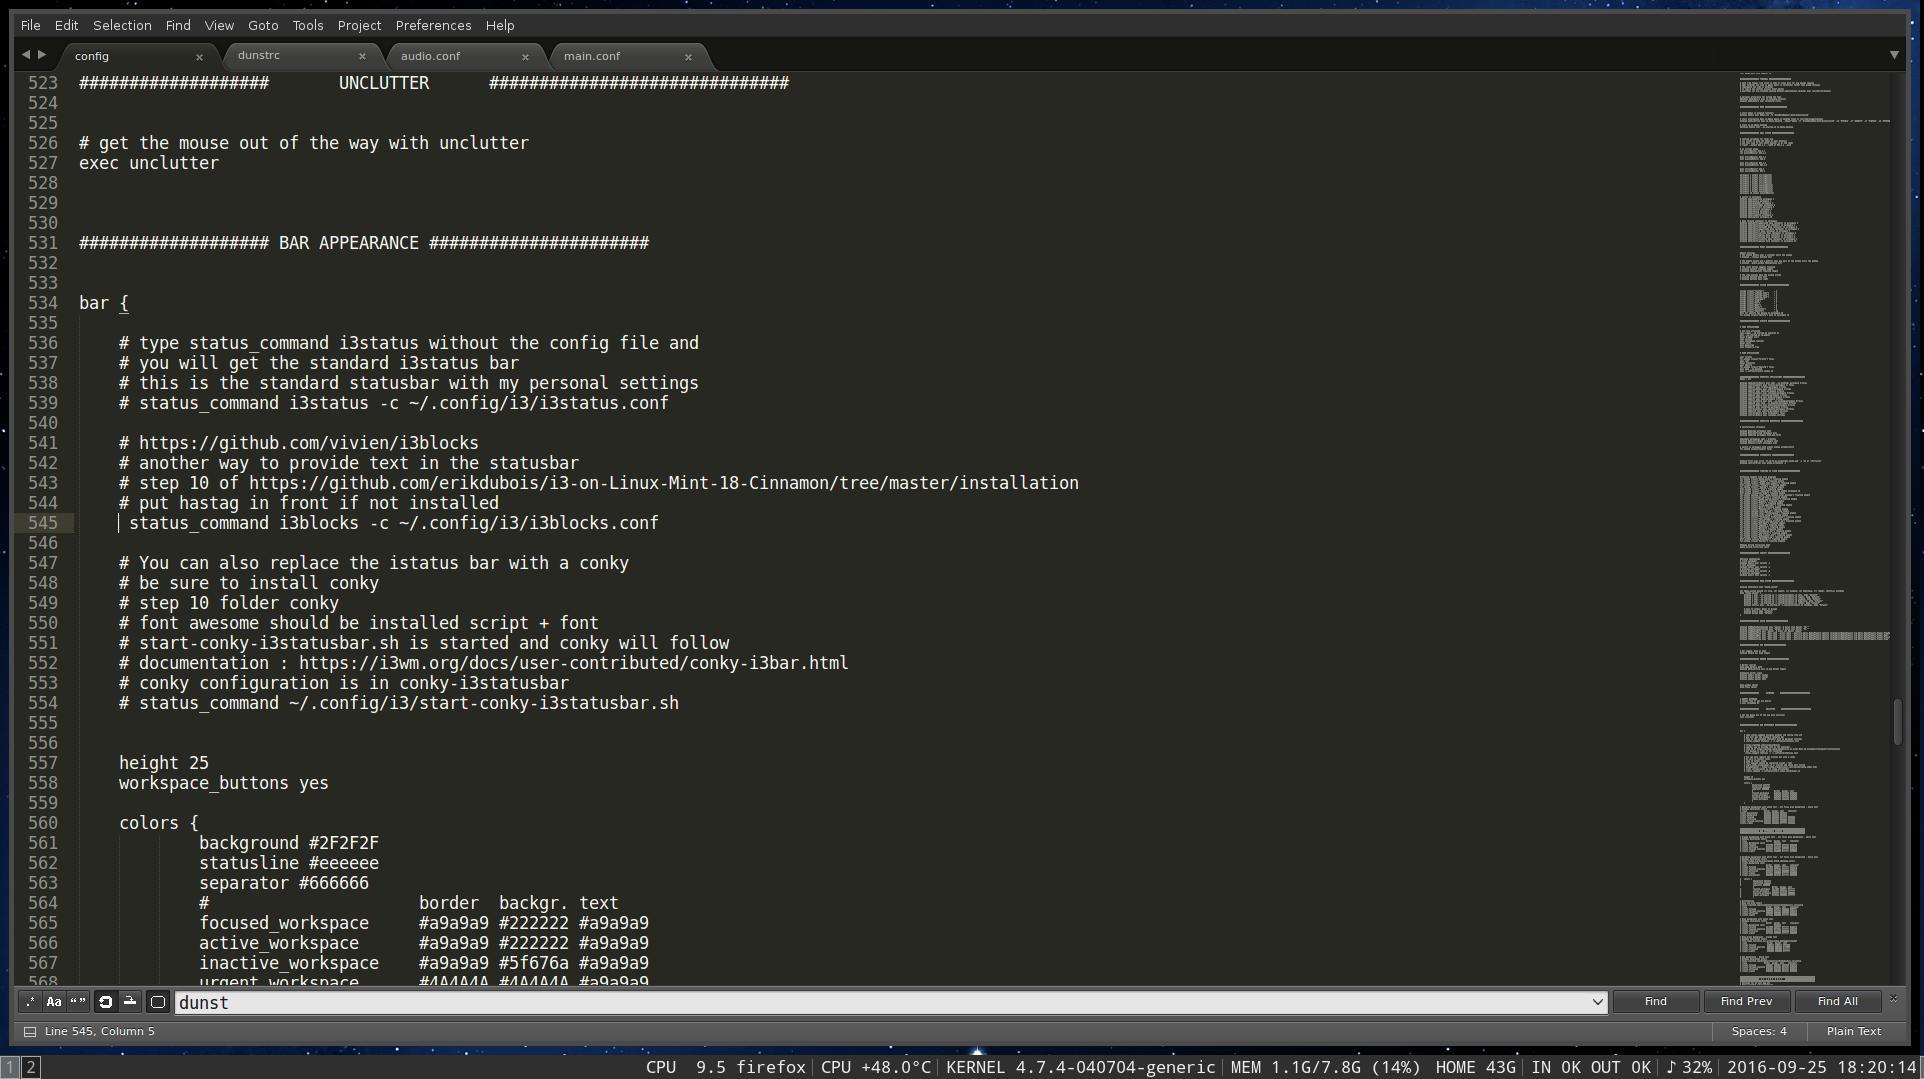 GitHub - erikdubois/LinuxMint18i3: How to install i3 on